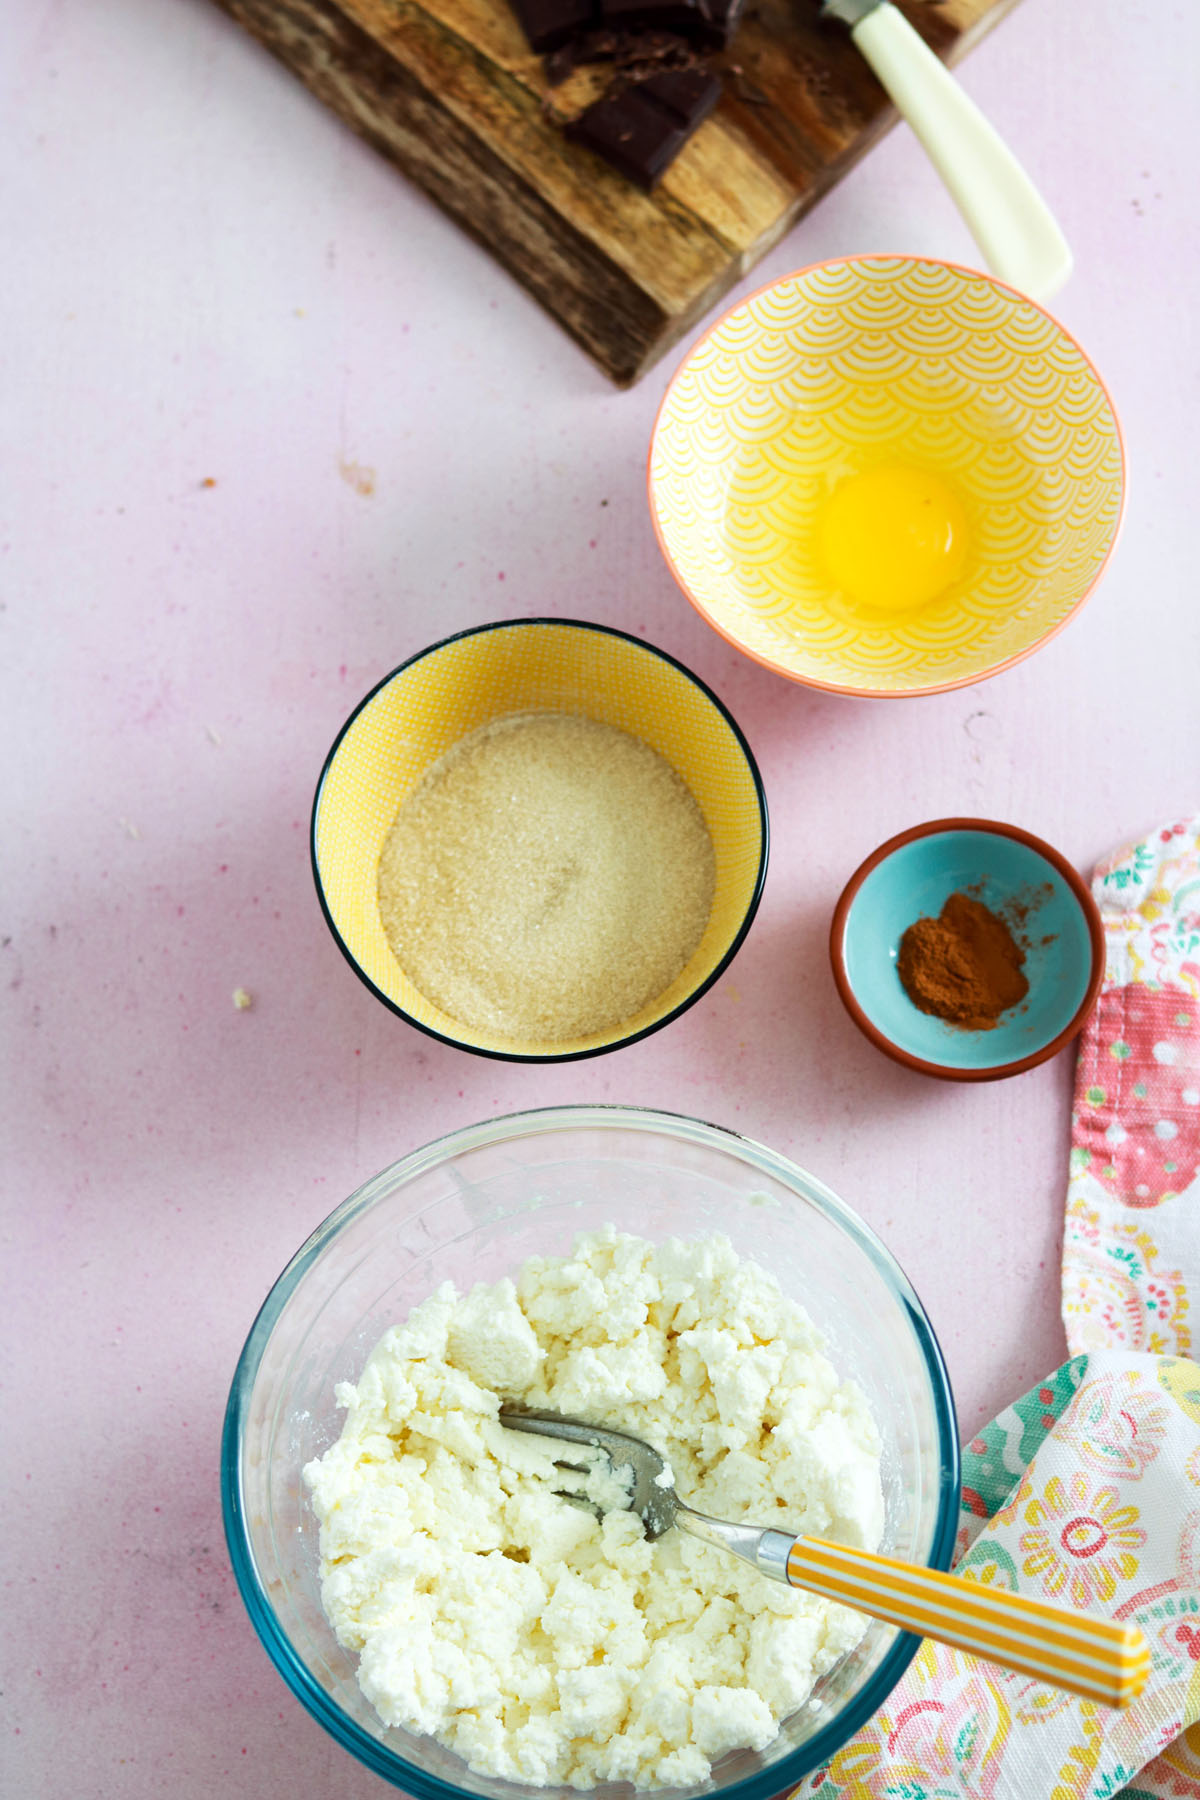 Crostata ricotta e cioccolato-filling ingredients